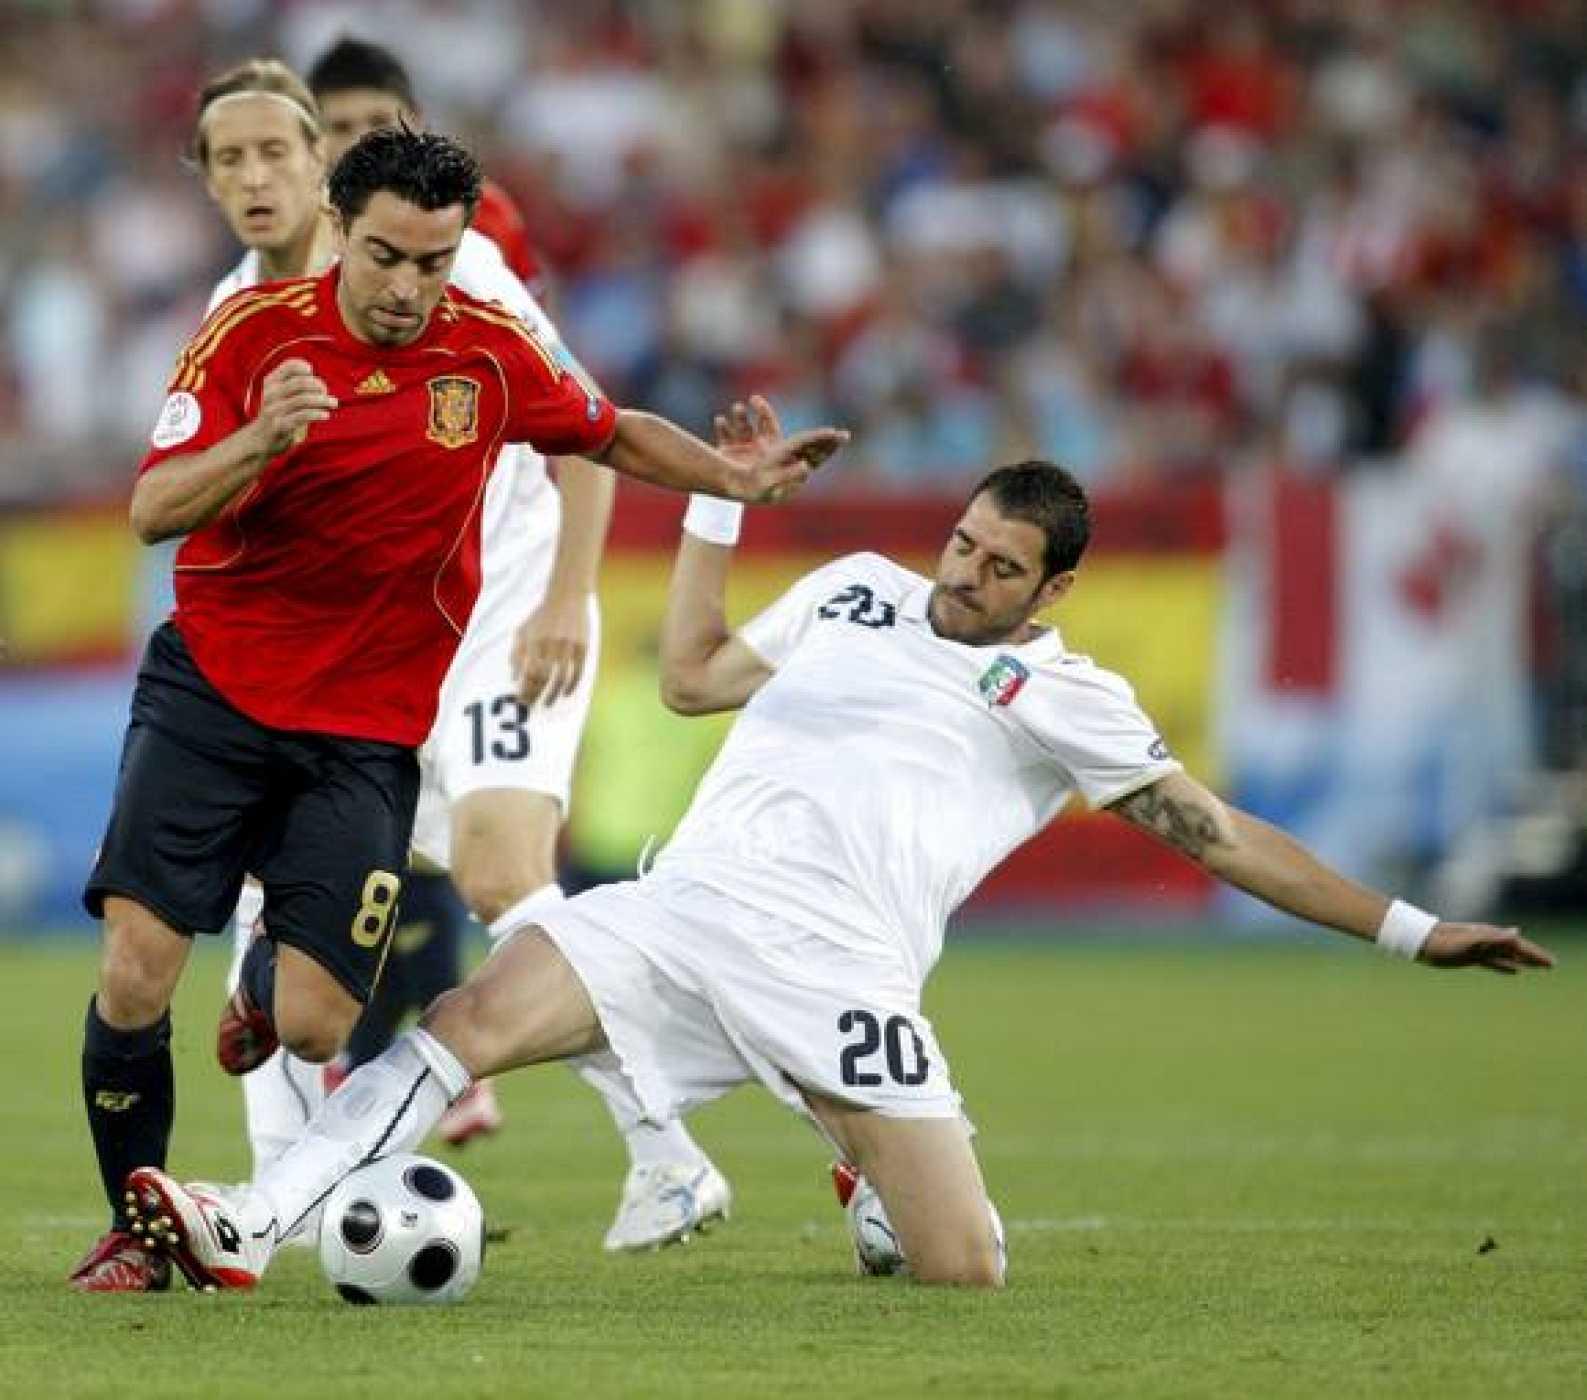 El centrocampista español, Xavi Hernández, estuvo peor que en otros partidos y fue sustituido en el minuto 58.